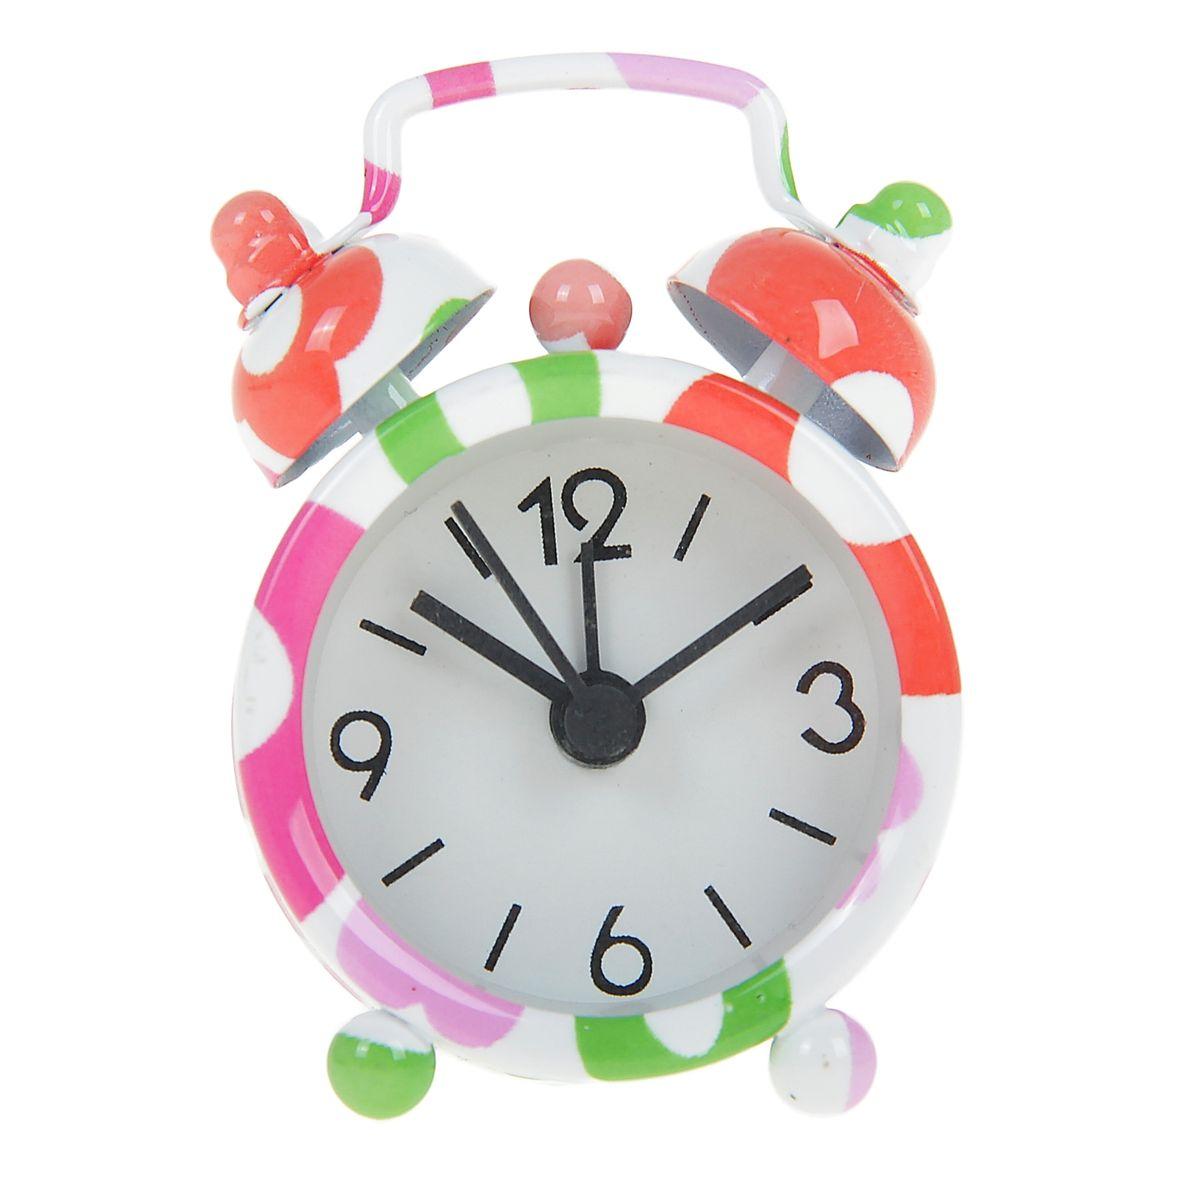 Часы-будильник Sima-land Полевые цветы840939Как же сложно иногда вставать вовремя! Всегда так хочется поспать еще хотя бы 5 минут и бывает, что мы просыпаем. Теперь этого не случится! Яркий, оригинальный будильник Sima-land Полевые цветы поможет вам всегда вставать в нужное время и успевать везде и всюду. Будильник украсит вашу комнату и приведет в восхищение друзей. Эта уменьшенная версия привычного будильника умещается на ладони и работает так же громко, как и привычные аналоги. Время показывает точно и будит в установленный час.На задней панели будильника расположены переключатель включения/выключения механизма, а также два колесика для настройки текущего времени и времени звонка будильника.Будильник работает от 1 батарейки типа LR44 (входит в комплект).